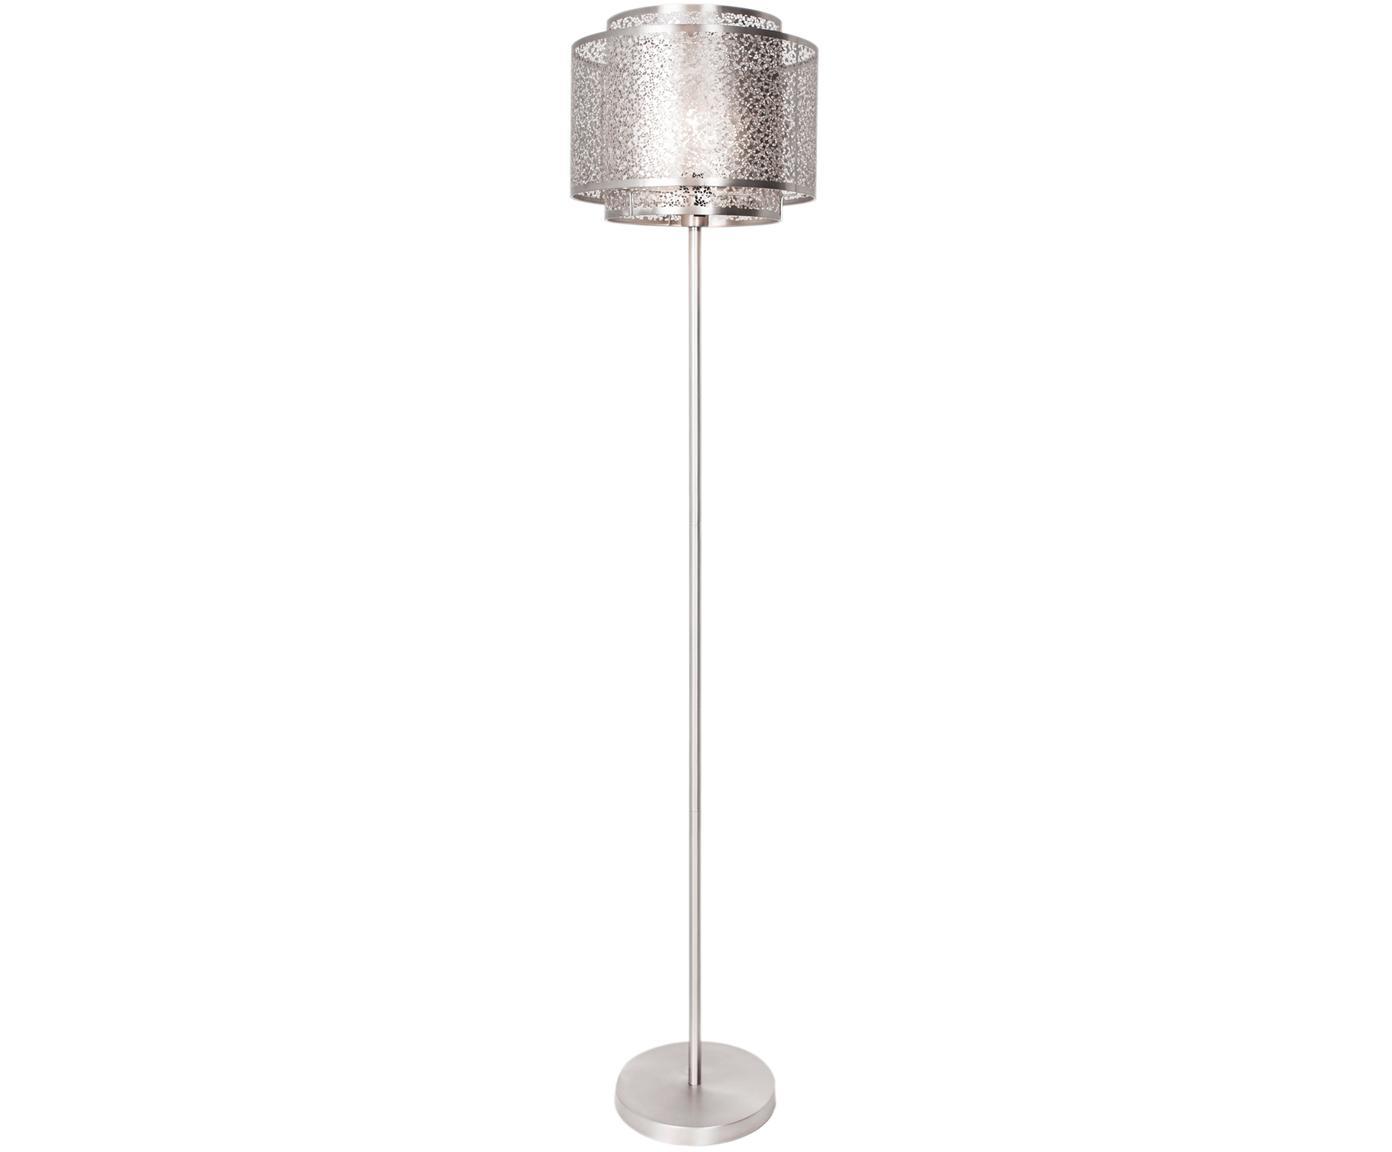 Lampa podłogowa Mesh, Nikiel, Odcienie niklu, Ø 34 x W 157 cm